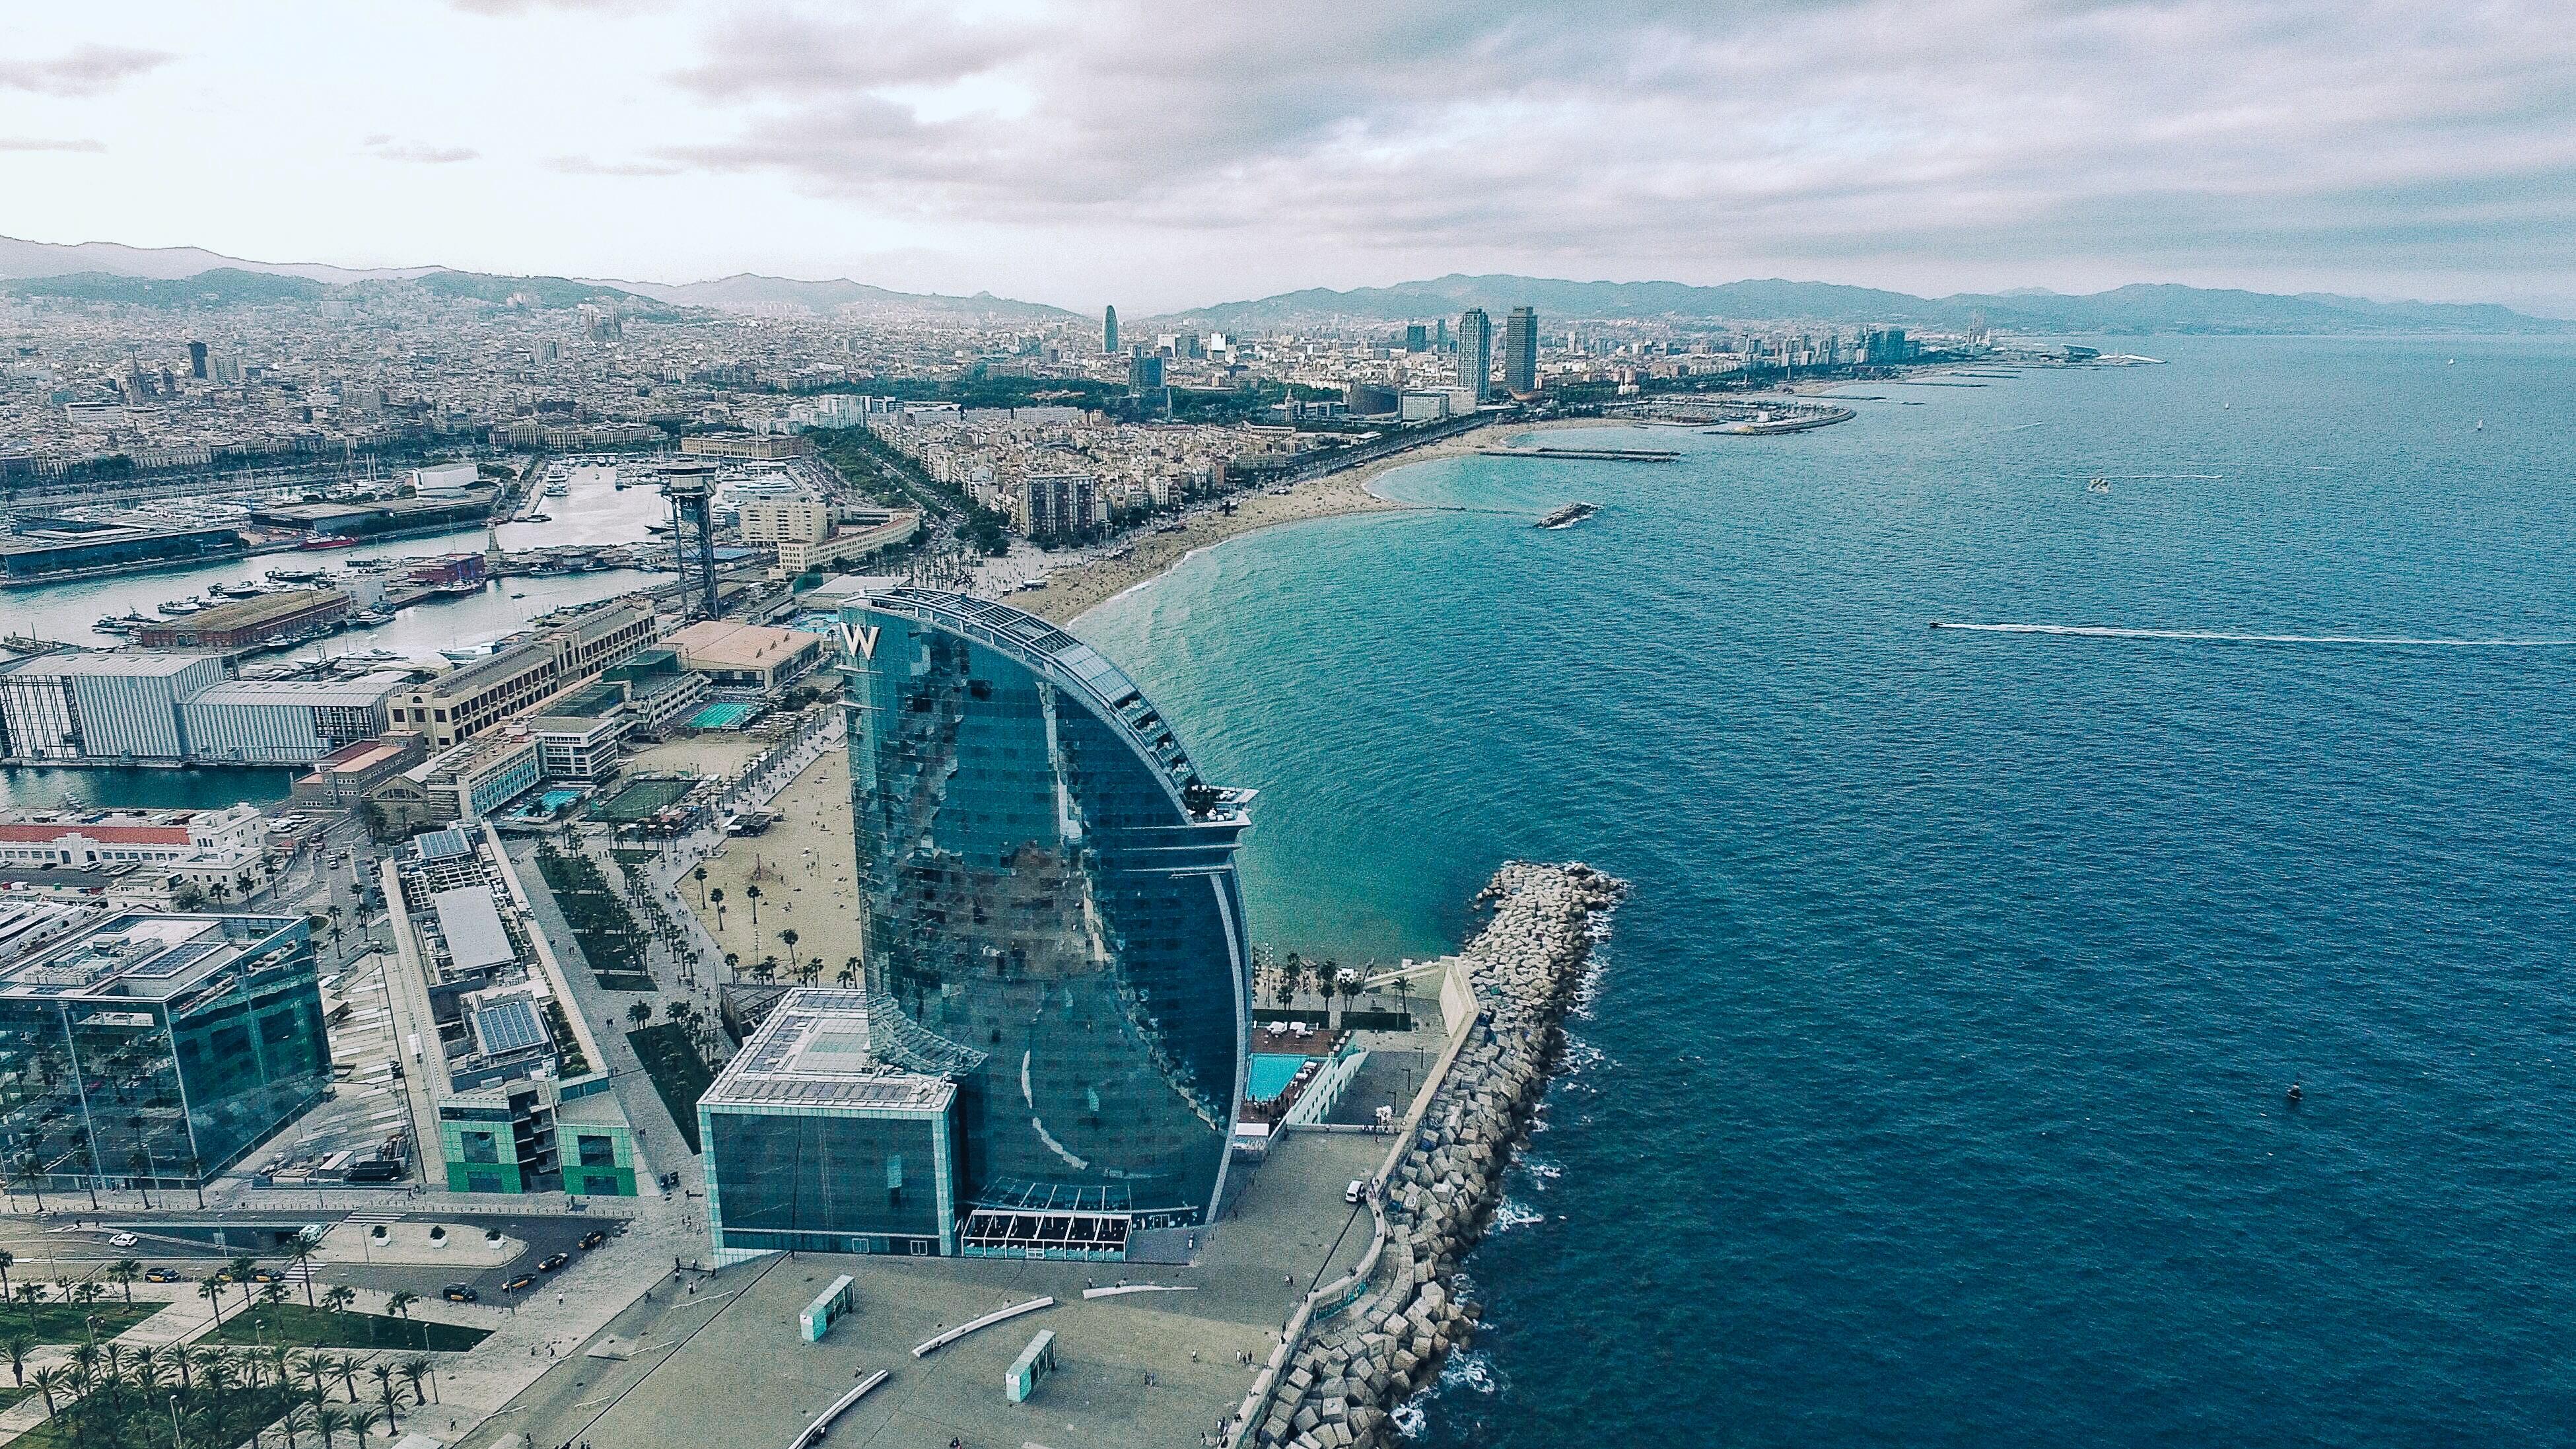 Відвідайте Барселону: чому ви не повинні пропустити це чудове місто